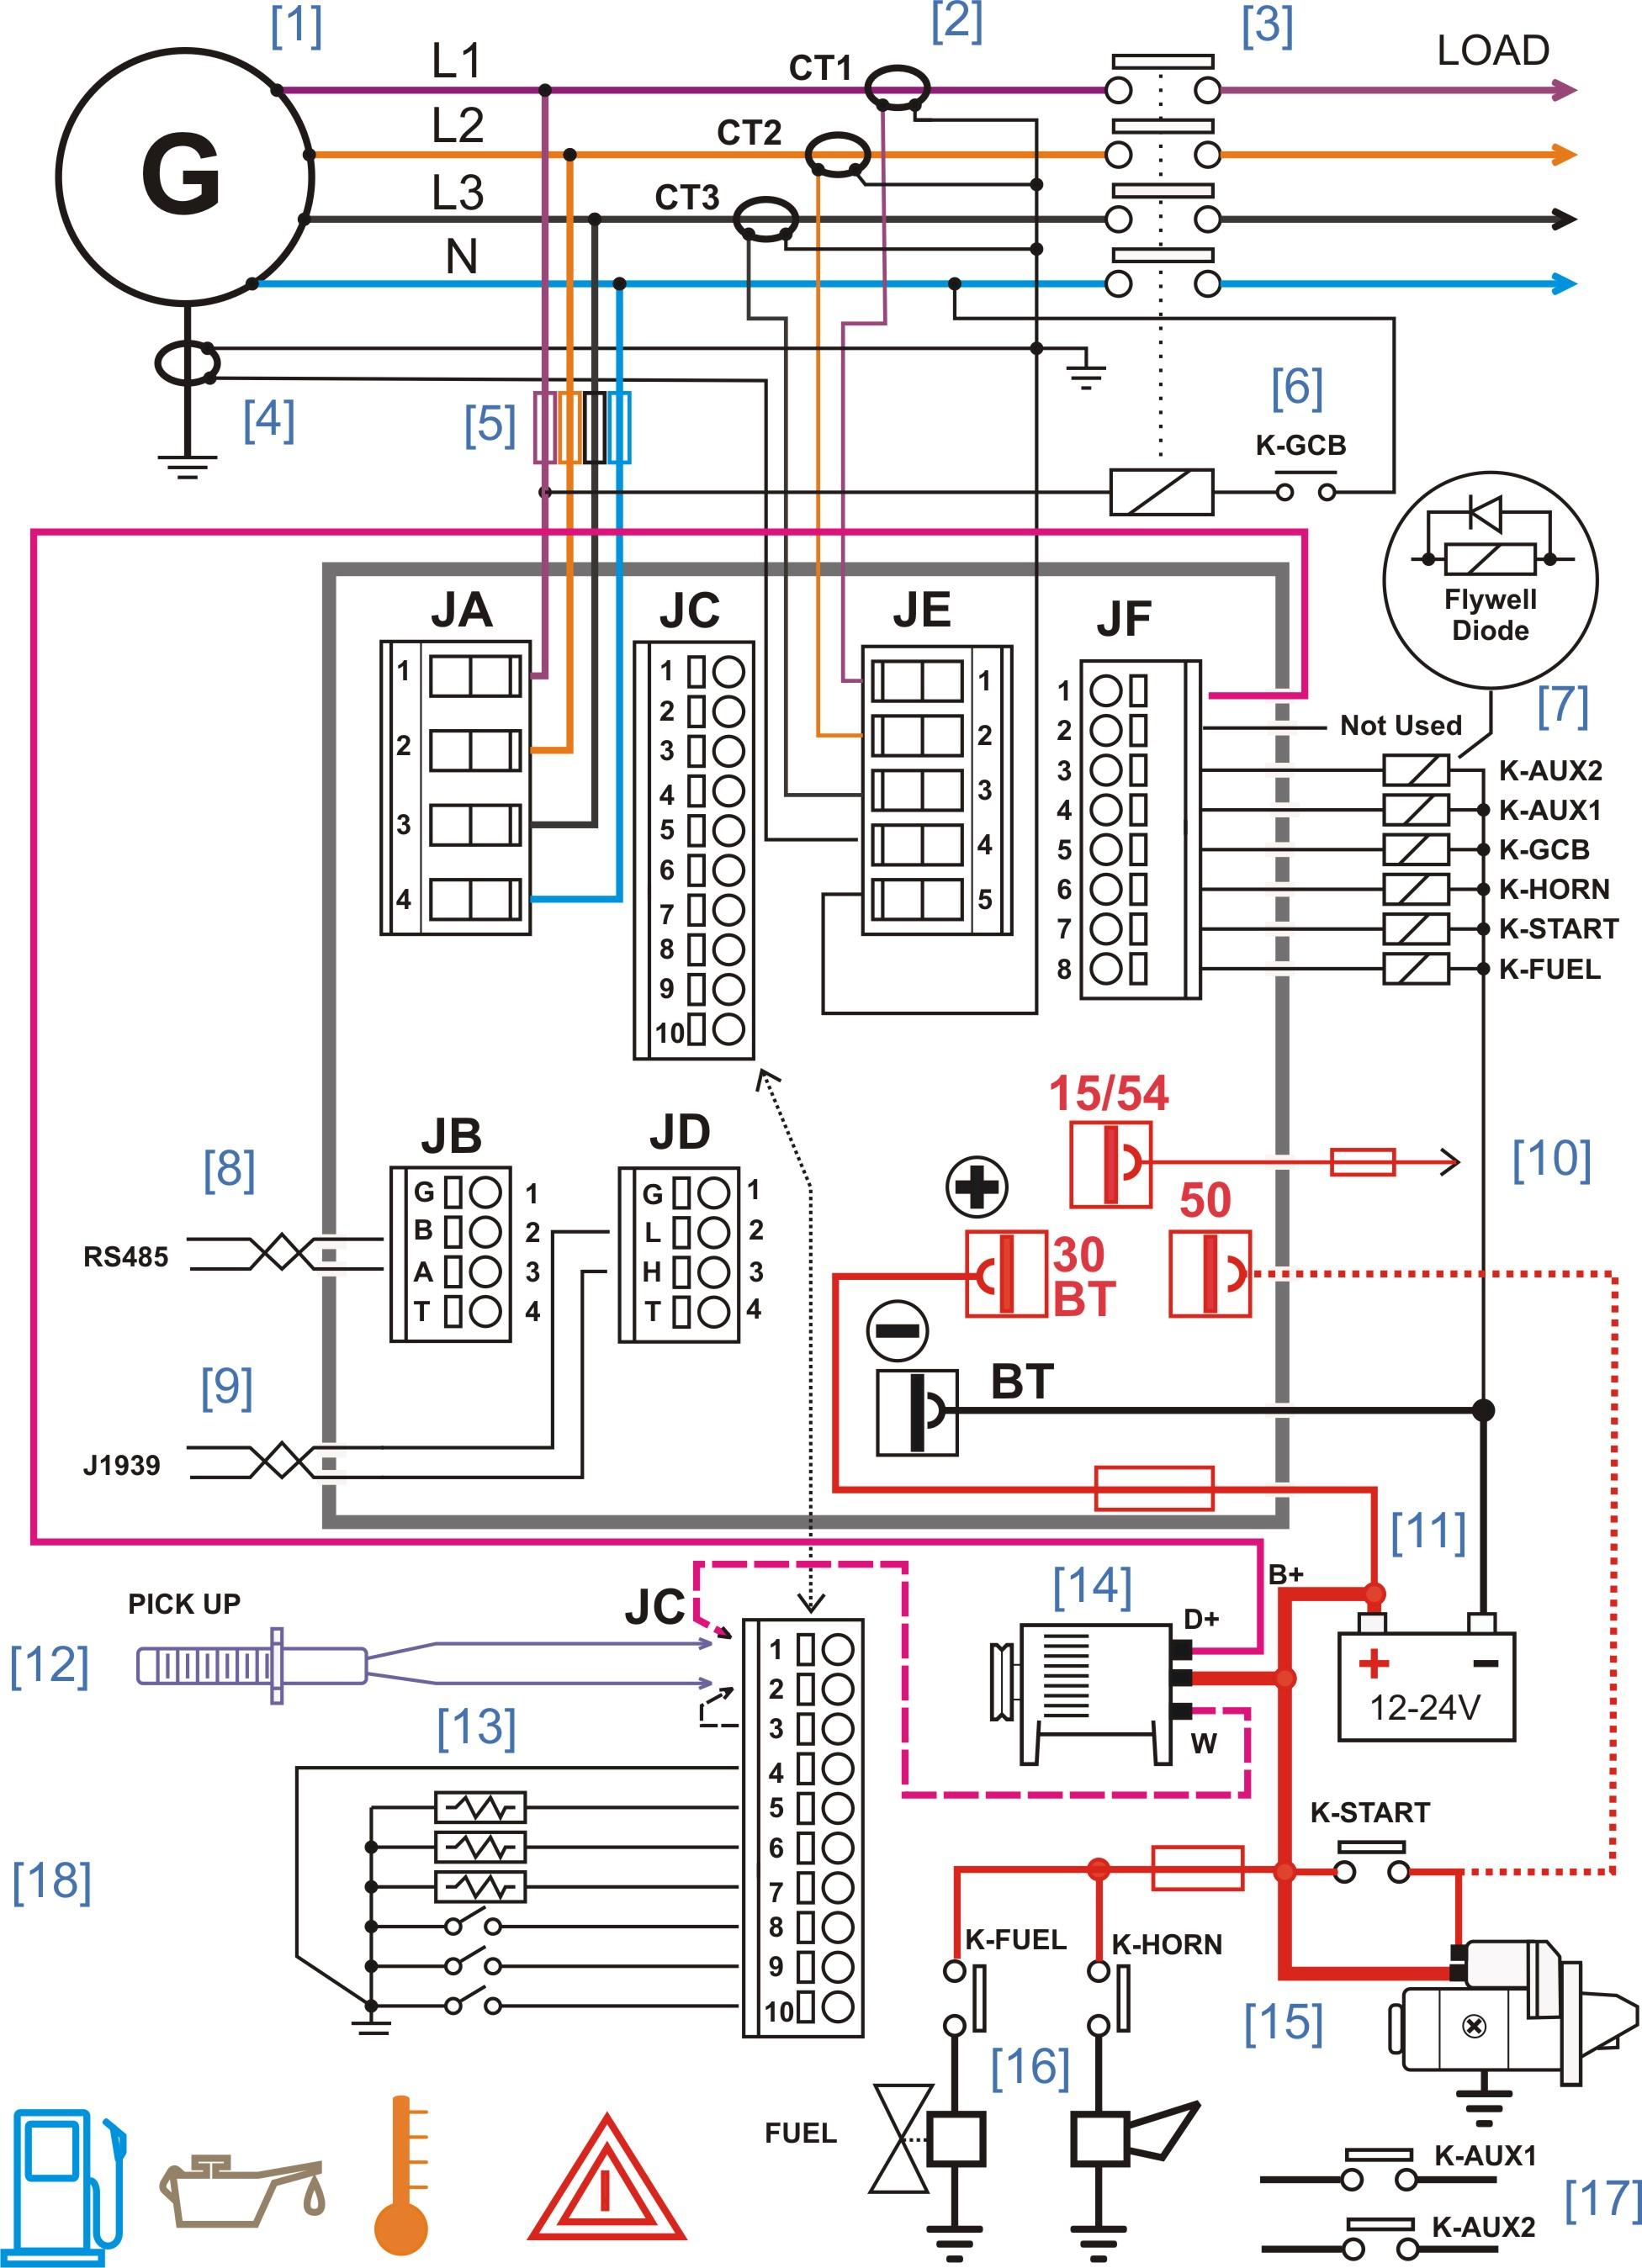 Electrical Panel Wiring Diagram Pdf   Wiring Diagram - Circuit Breaker Panel Wiring Diagram Pdf